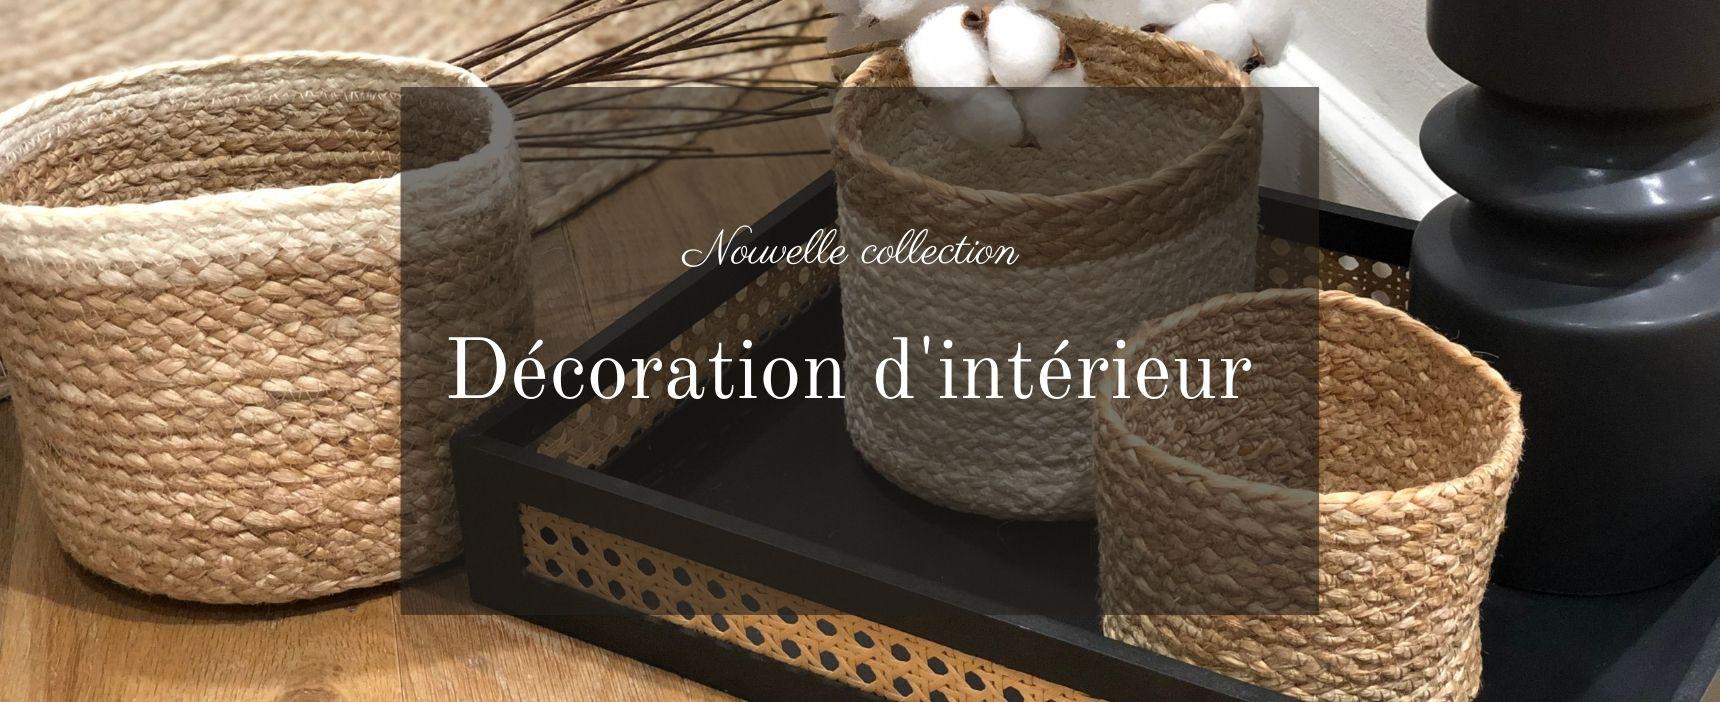 nouvelle collection décoration d'intérieur